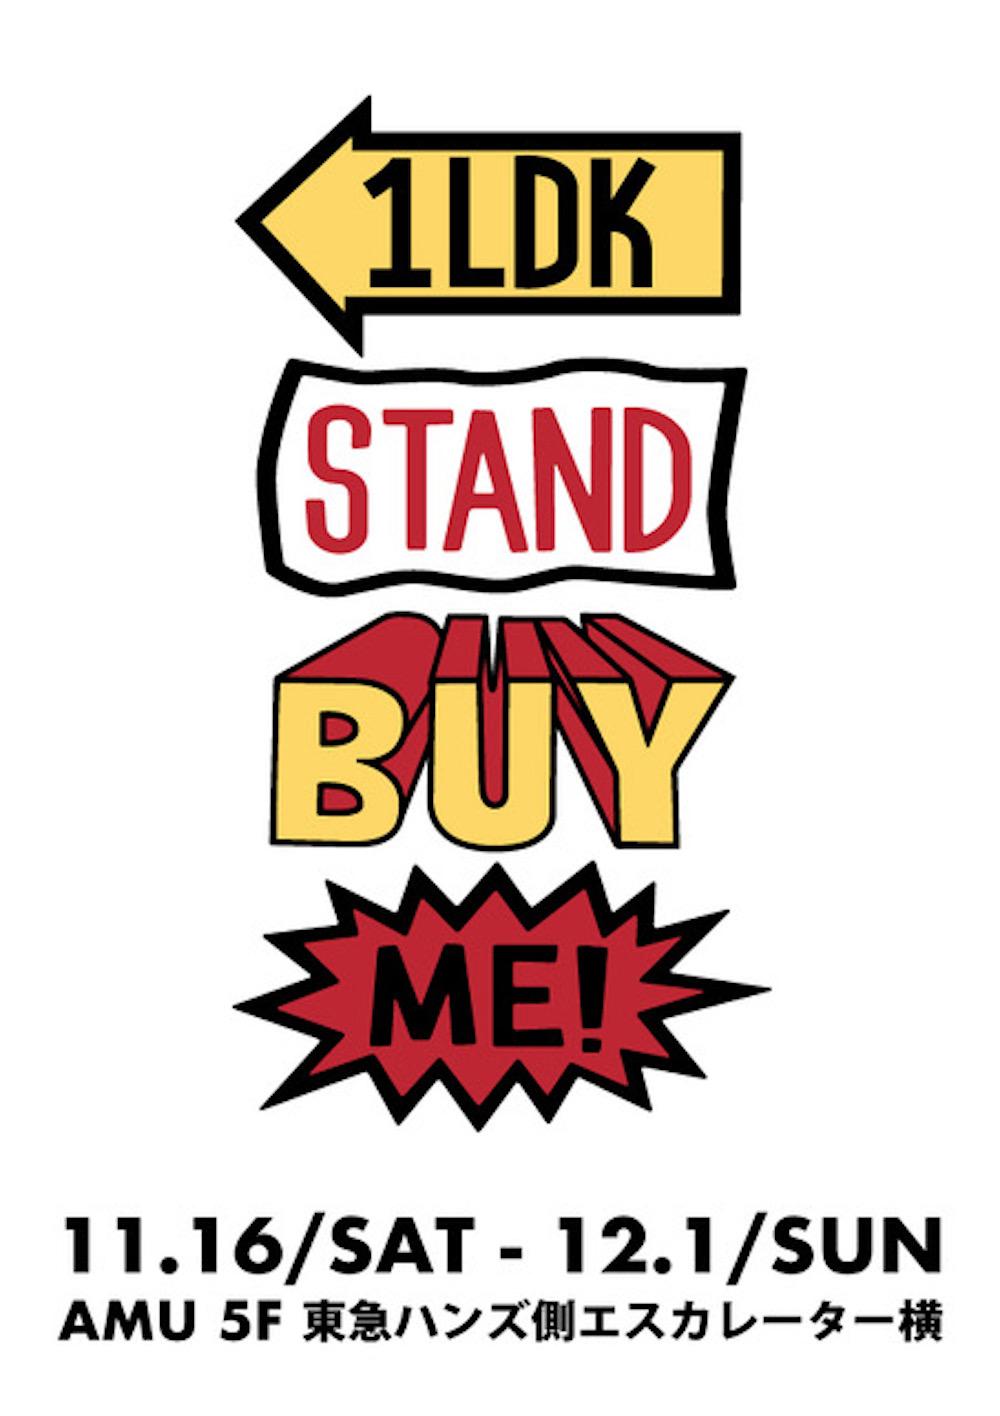 ストリートなイベント【福岡】1LDK Stand Buy Me! 冬に活躍する新作が豊富にラインナップ!